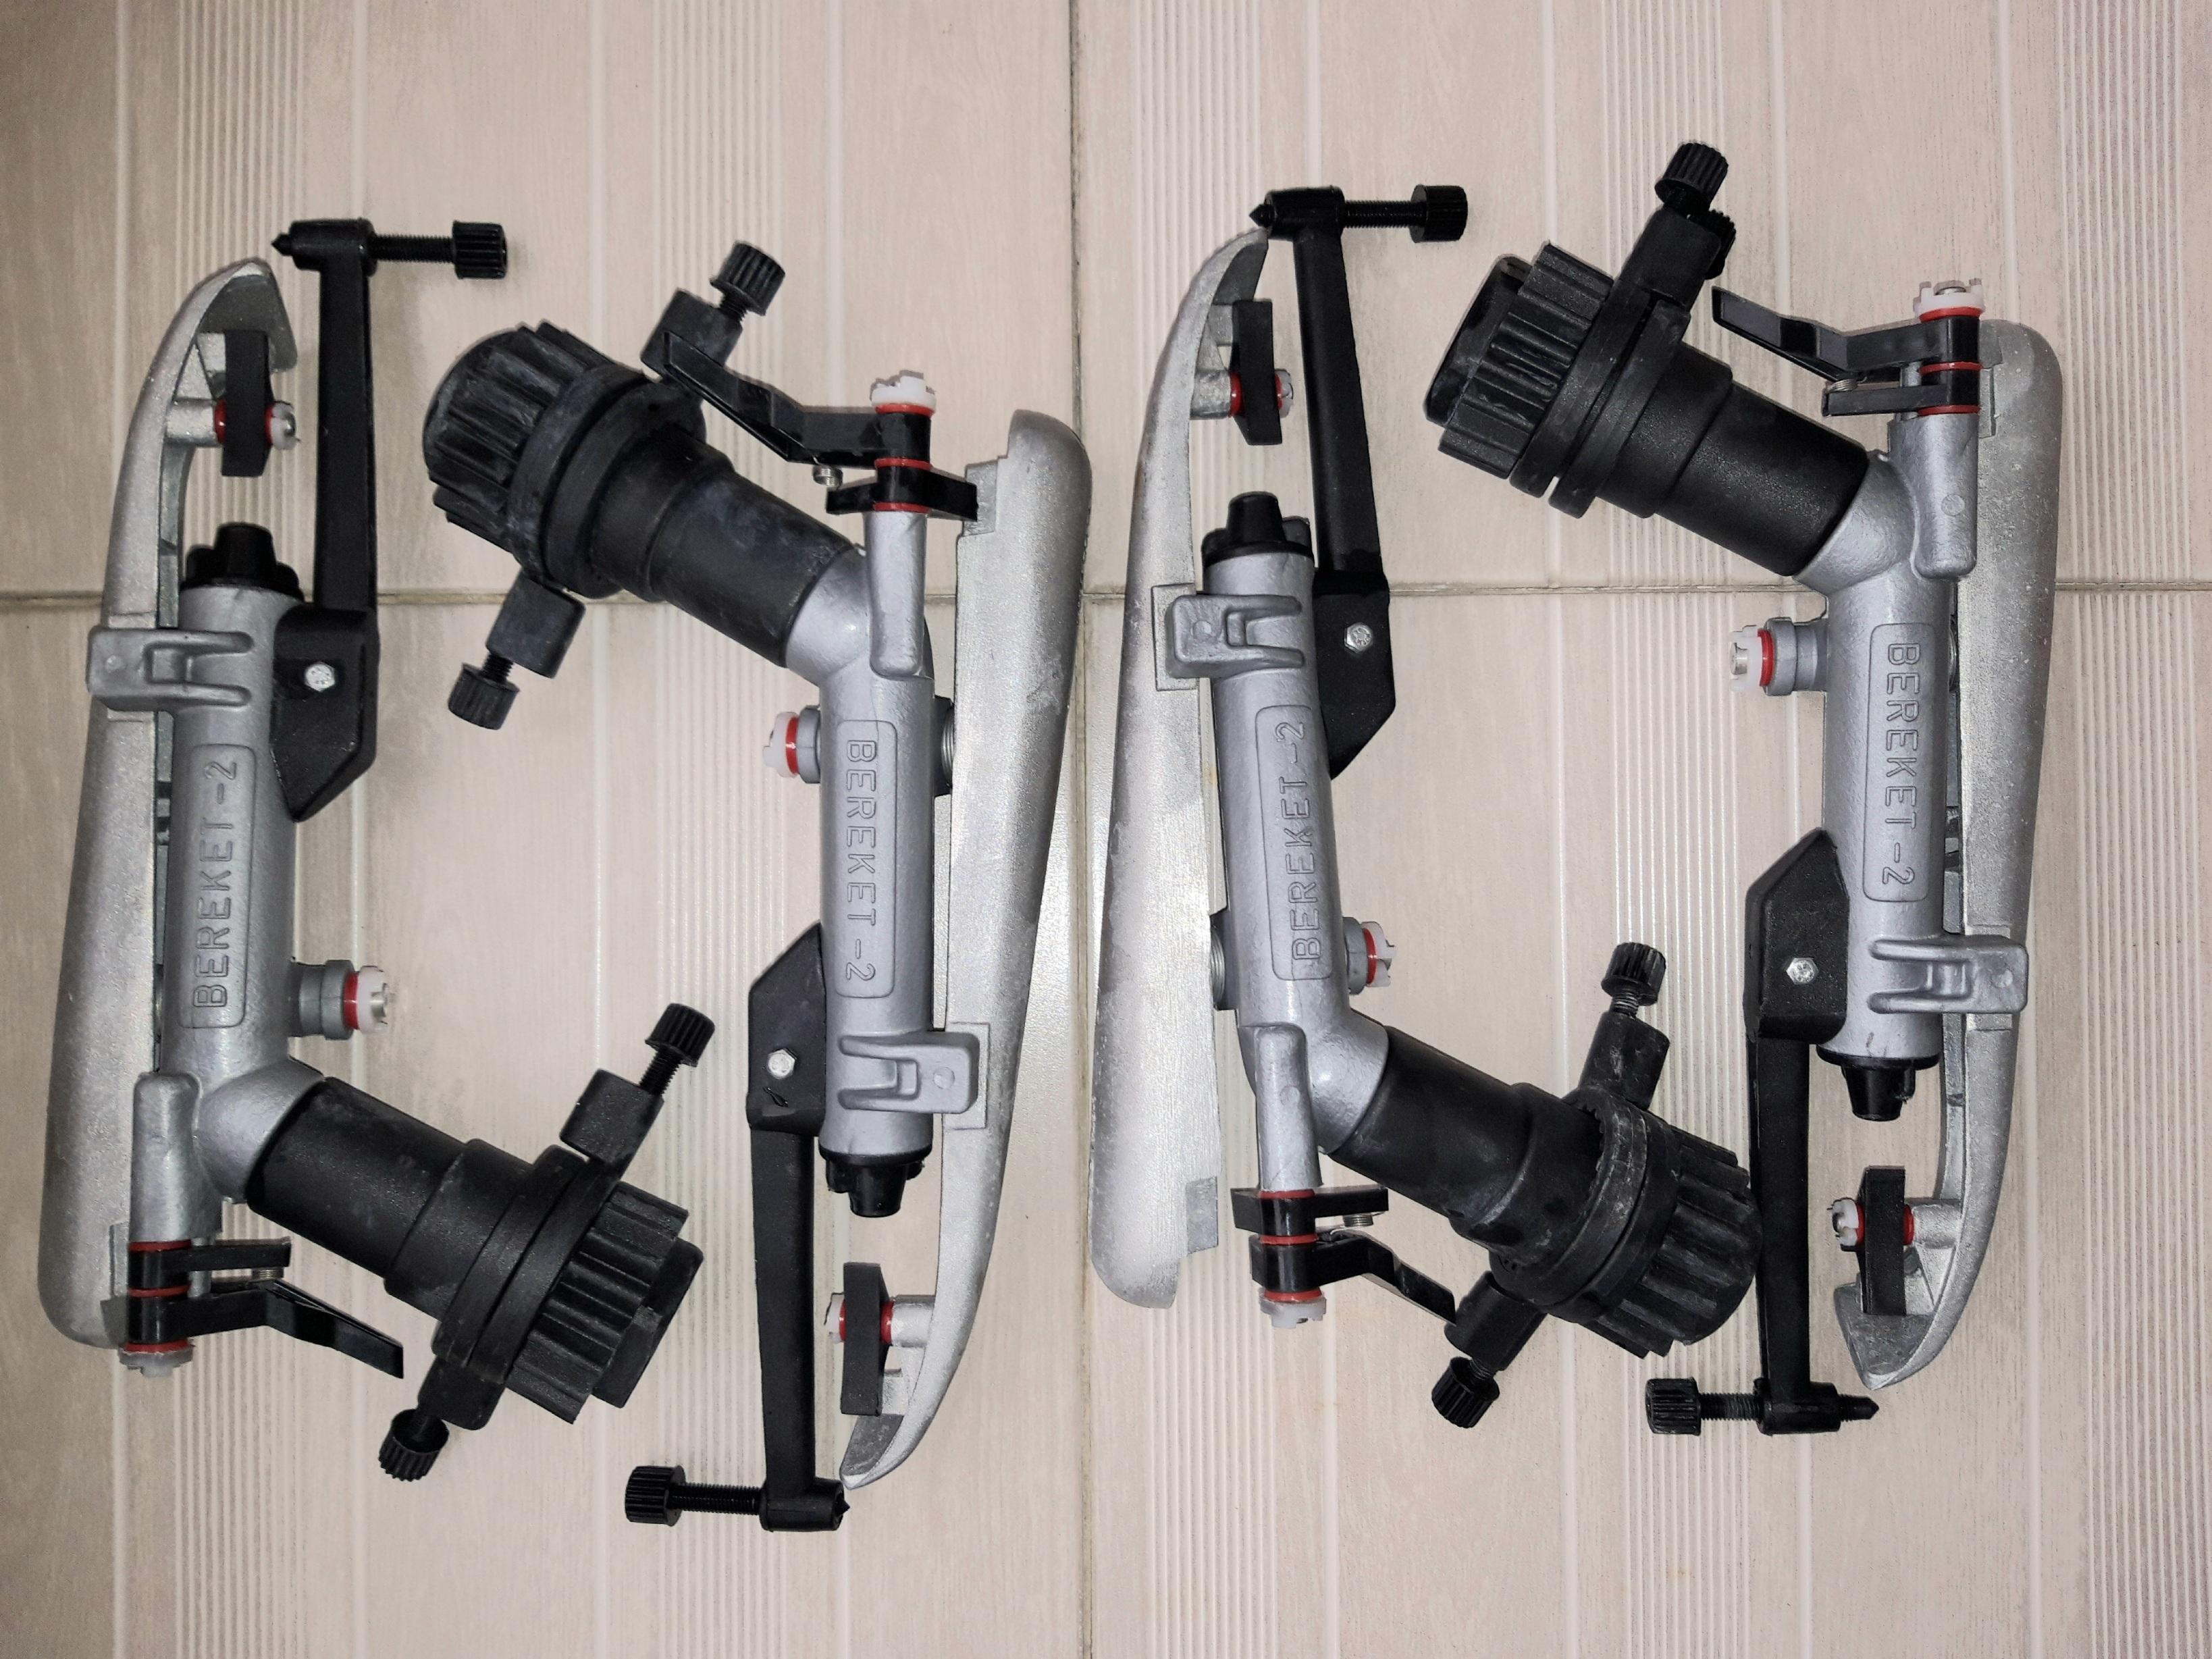 Yağmurlama sulama ekipmaları - Üretici Ali Doğan 80 tl fiyat ile 10 adet yağmurlama sulama ekipmaları  satmak istiyor